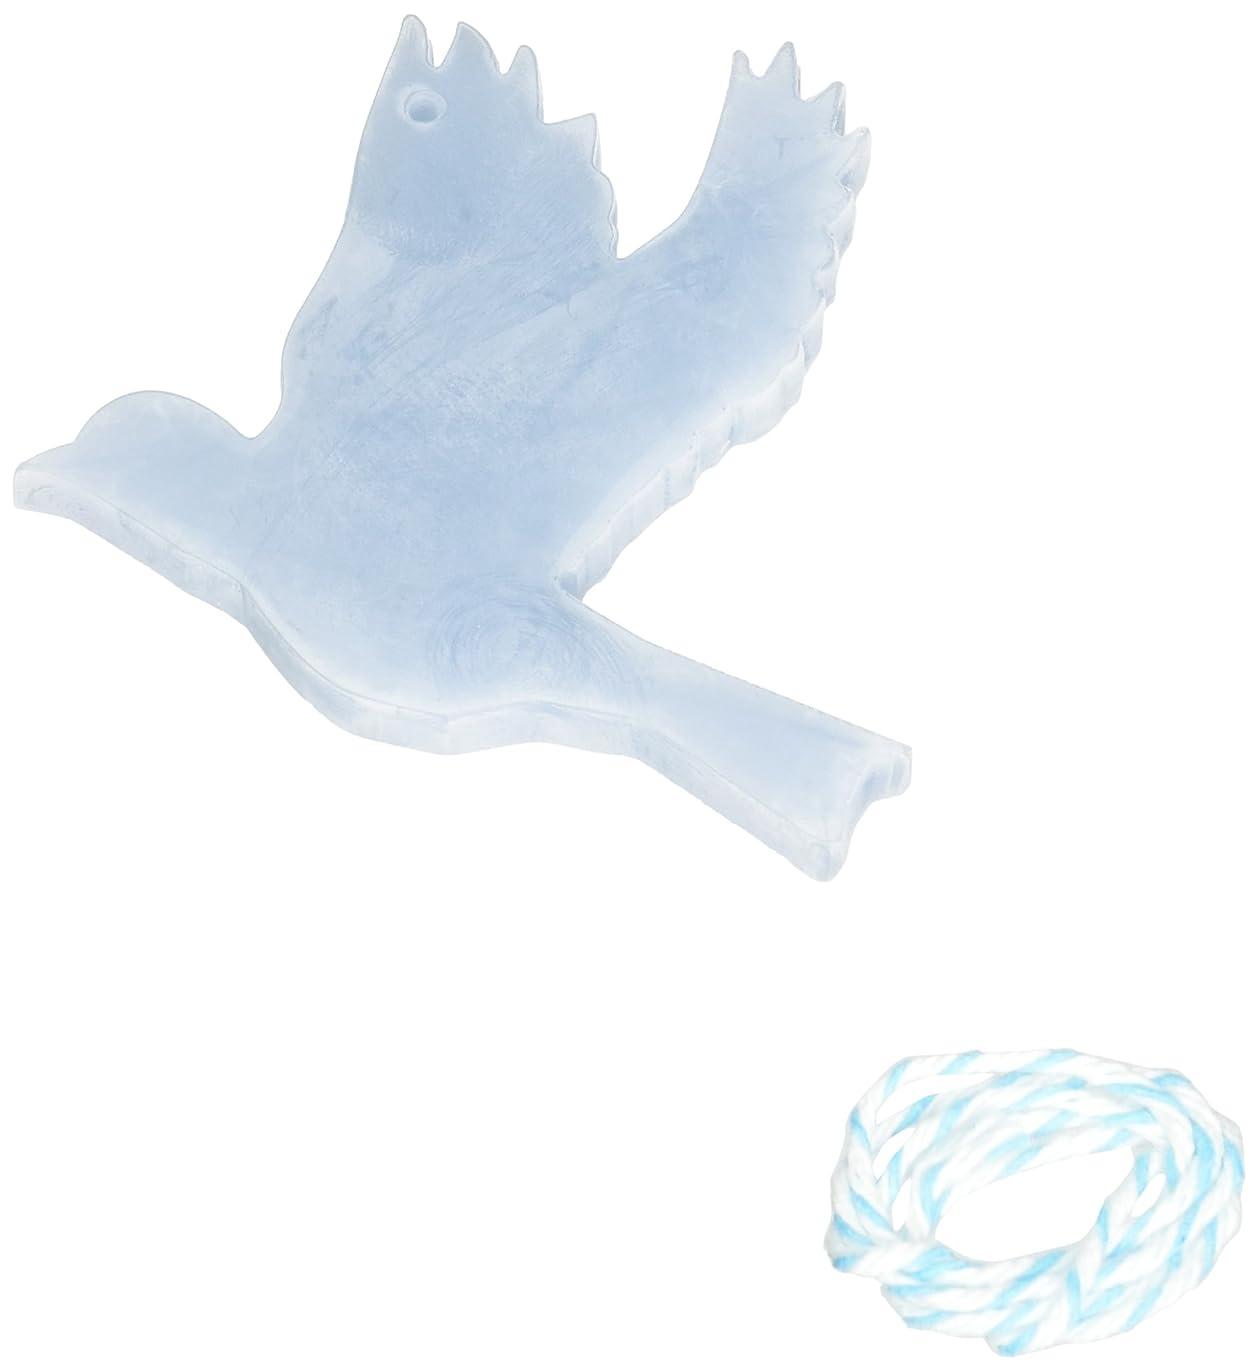 強大な泥棒選出するGRASSE TOKYO AROMATICWAXチャーム「ハト」(BL) ローズマリー アロマティックワックス グラーストウキョウ